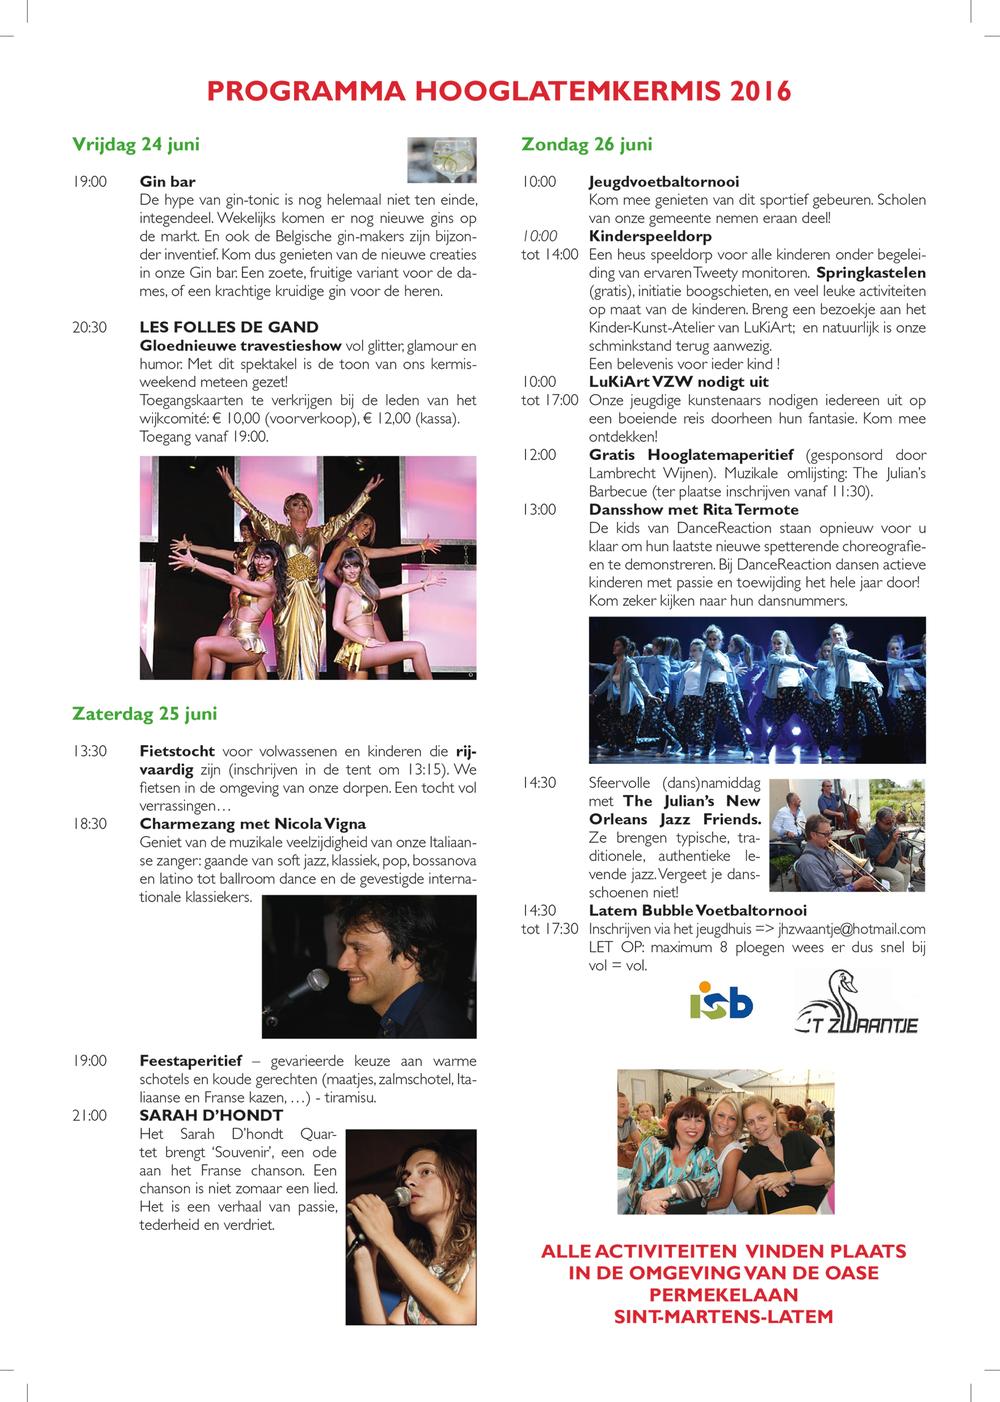 programma kermis 2016